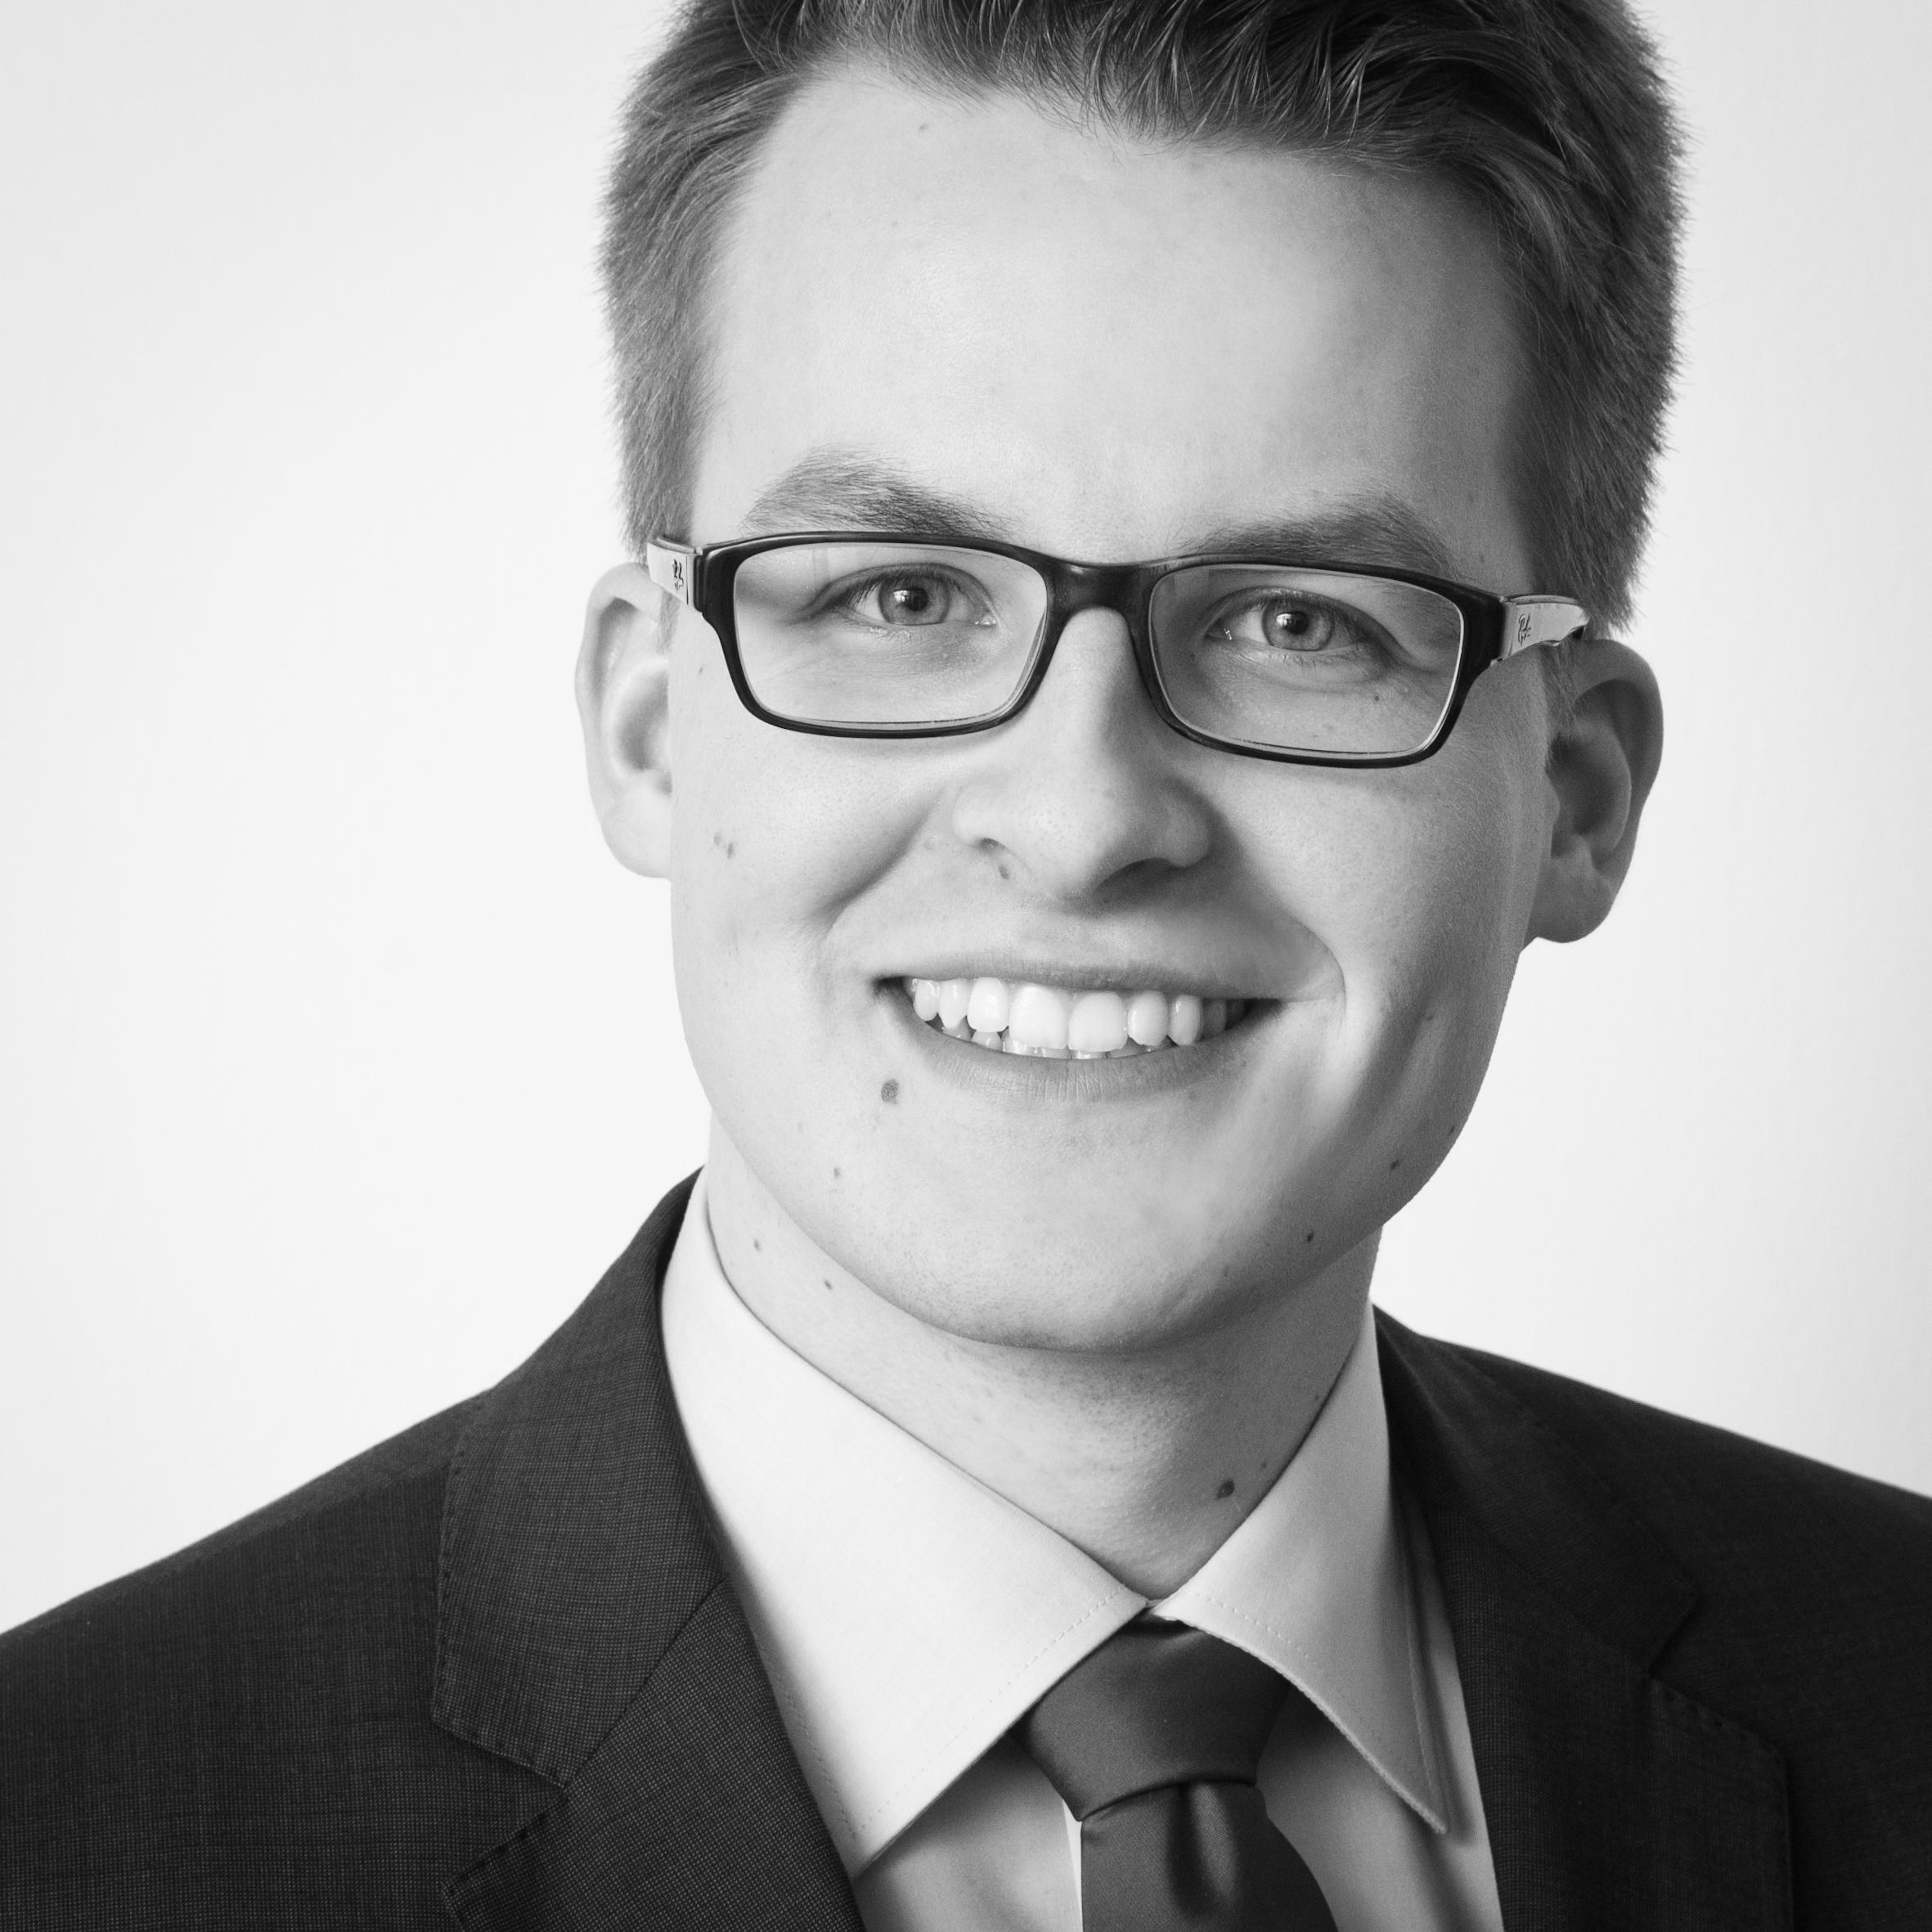 Portrait von Lucas Geisler